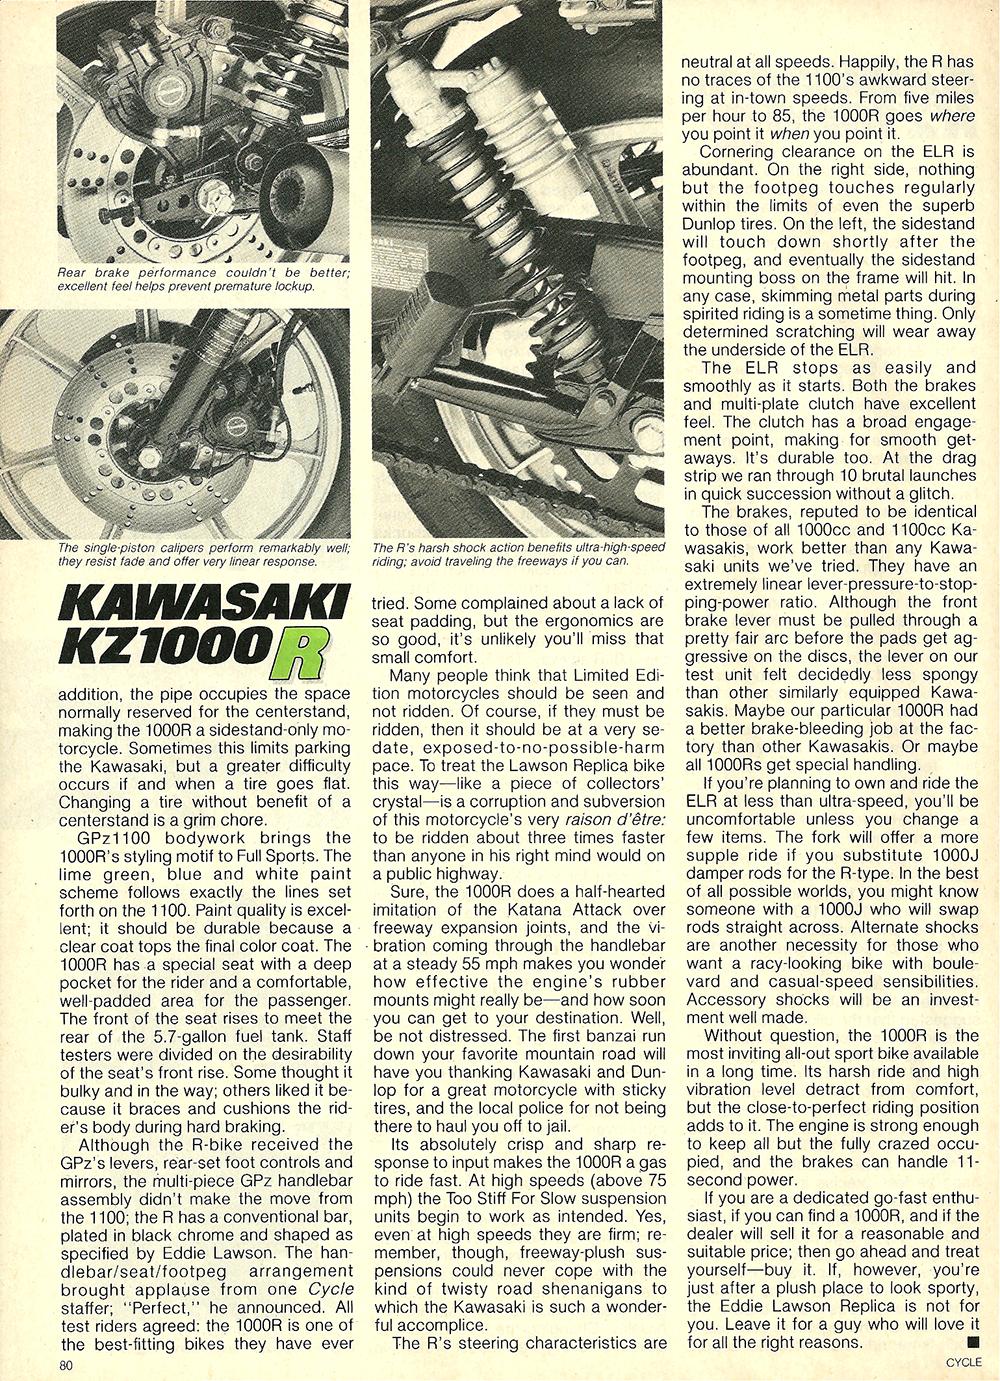 1982 Kawasaki KZ1000R road test 5.jpg